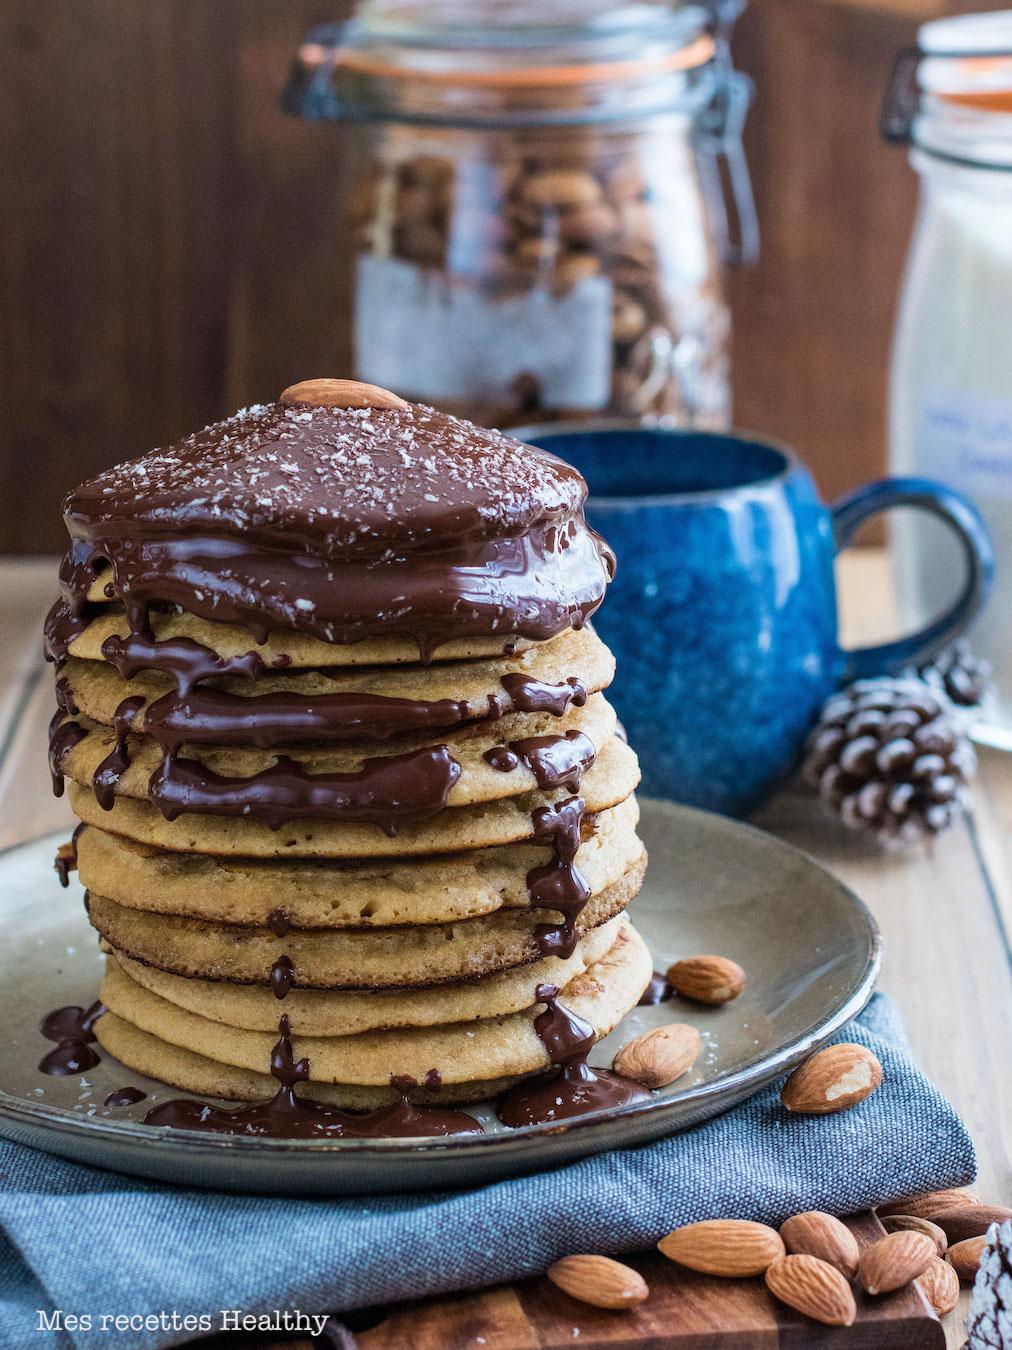 recette healthy-pancake samoule-crepe mlille trou-fait maison-facile-rapide